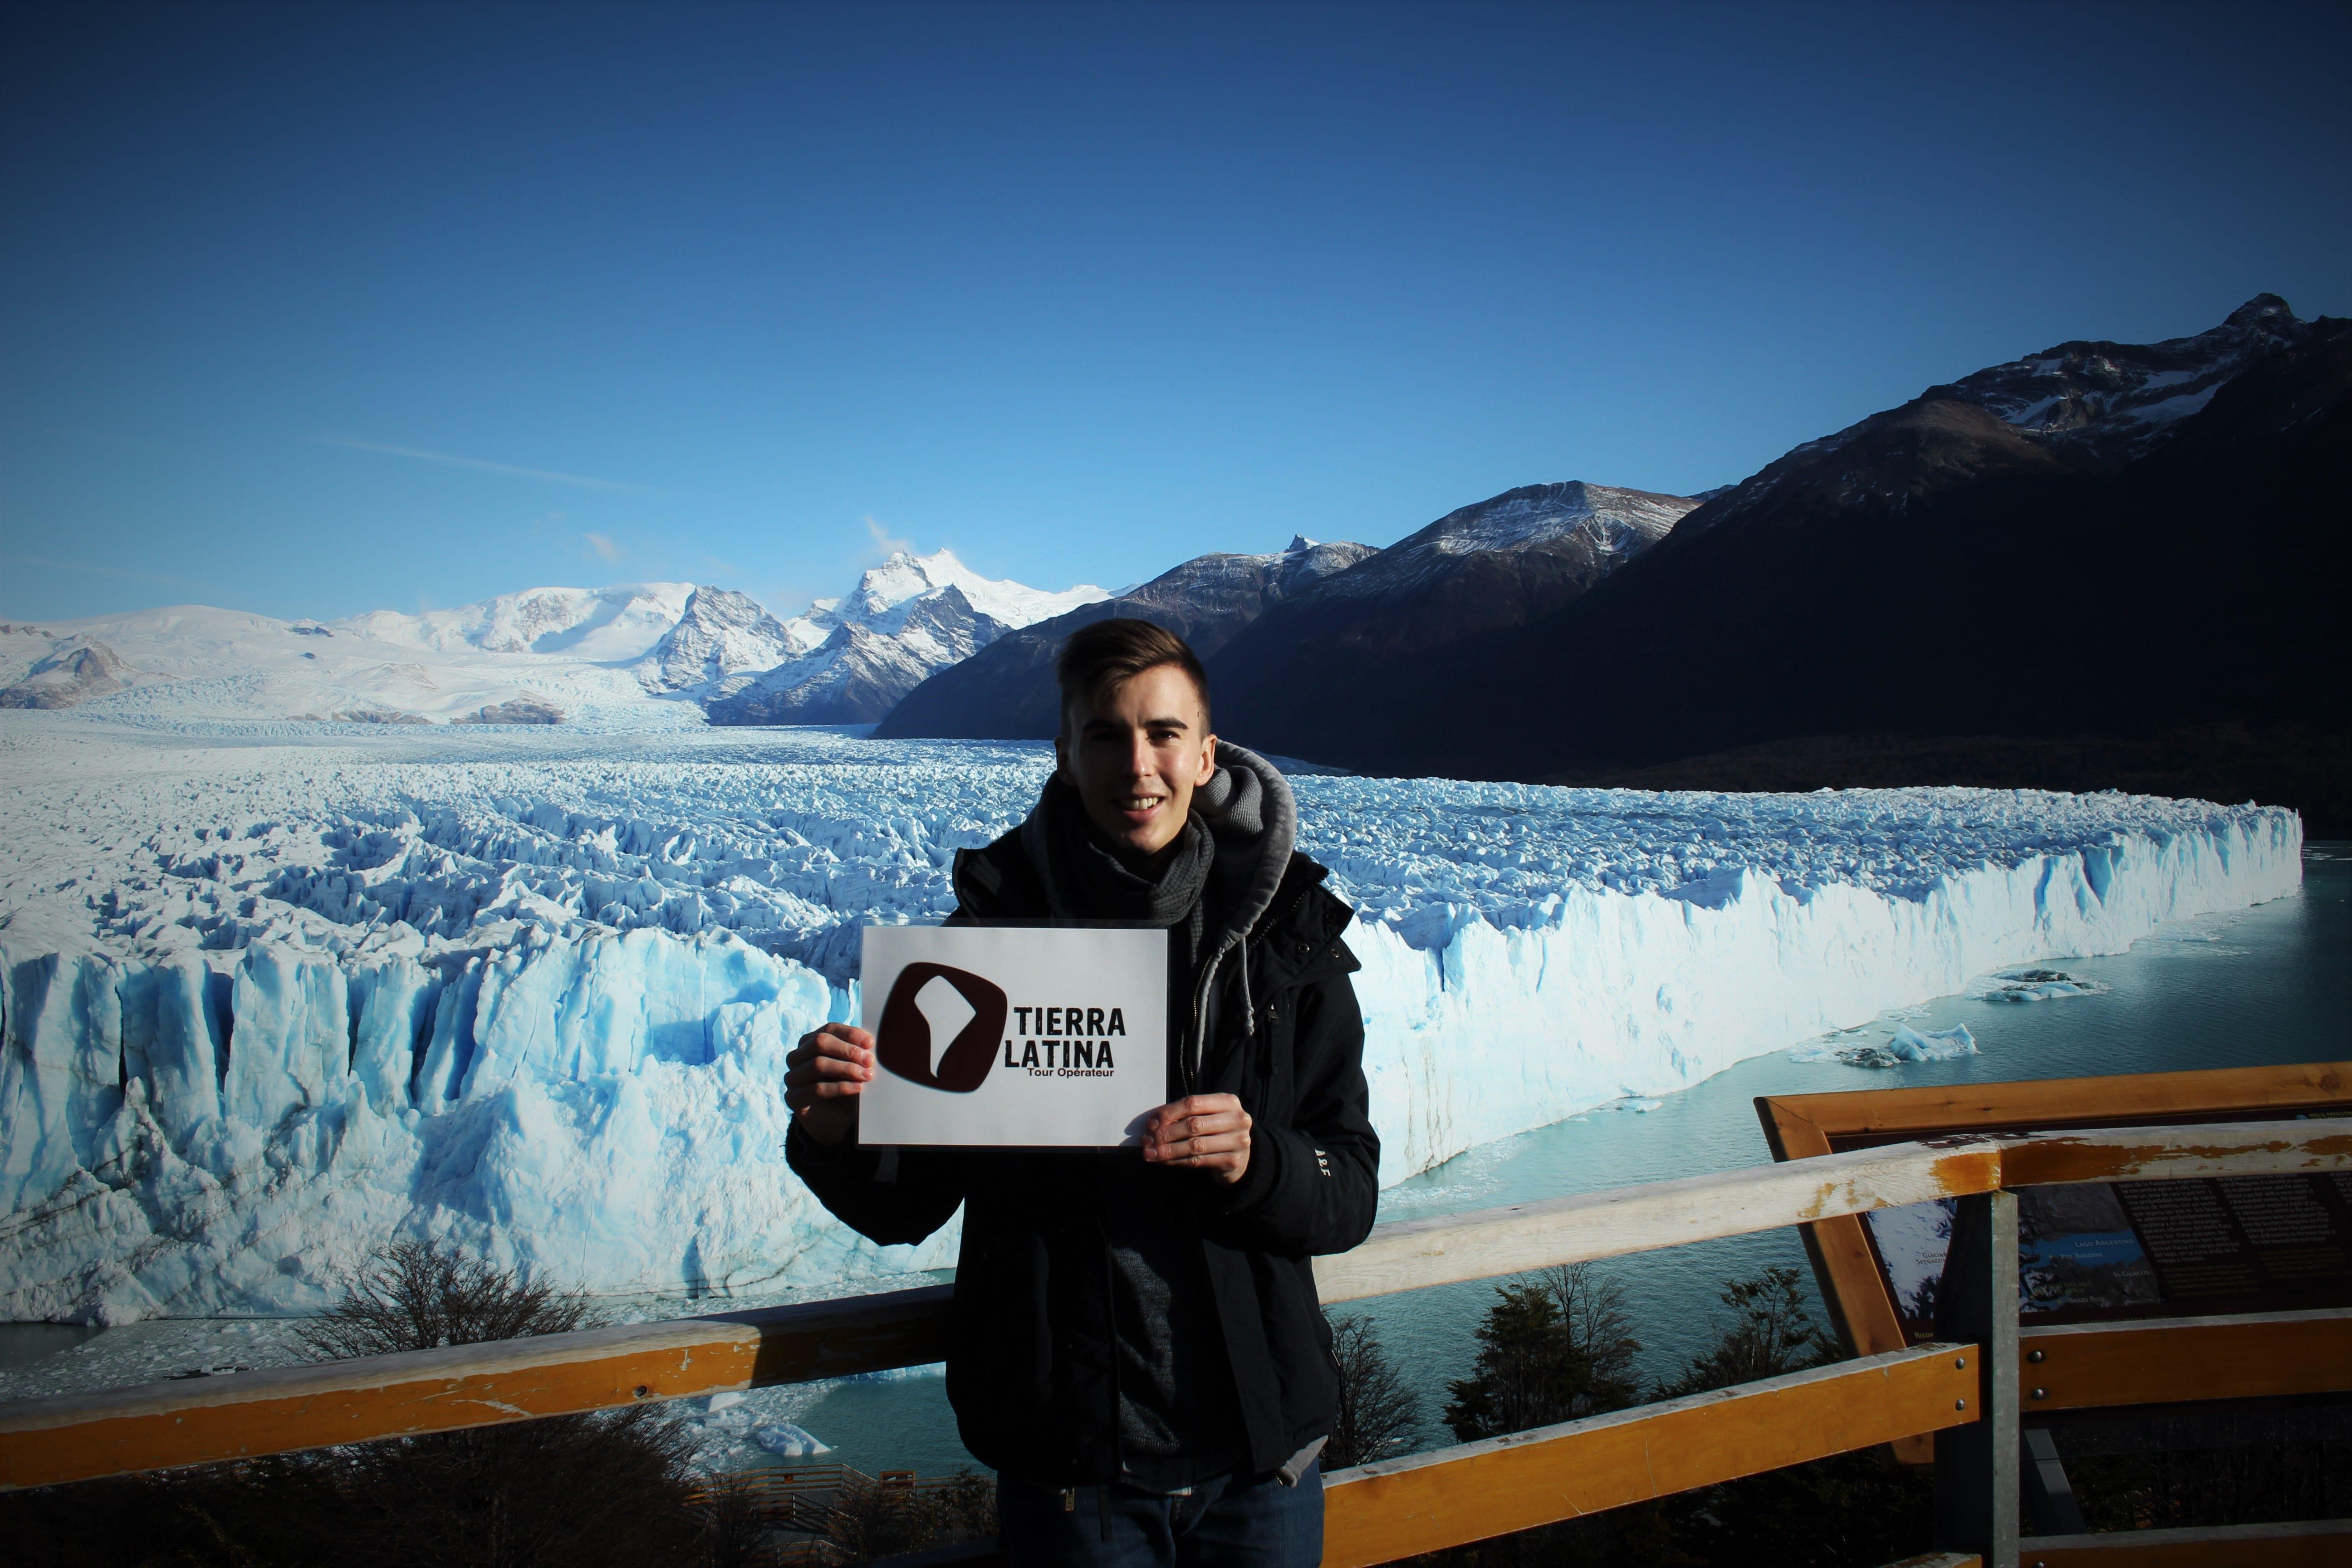 Patagonie Kevin_temoignage_calafate_glacier_perito_moreno_tierra_latina